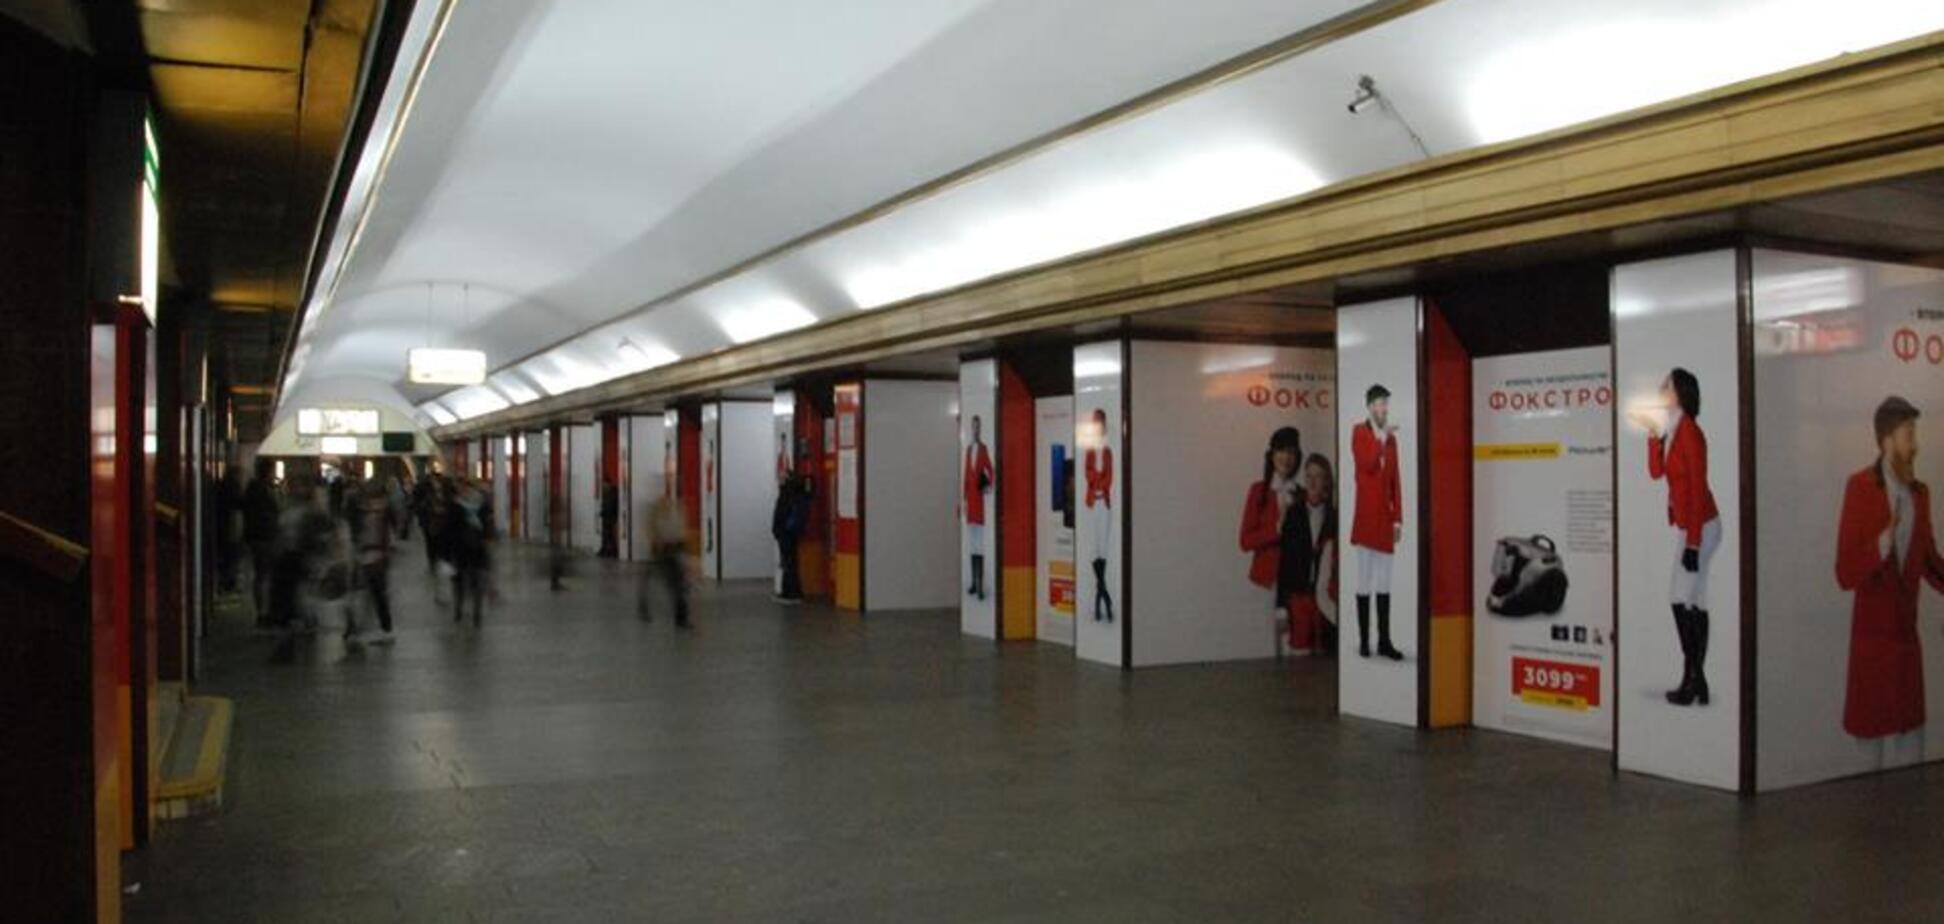 'Пробили дно': киевлян возмутили изуродованные станции метро